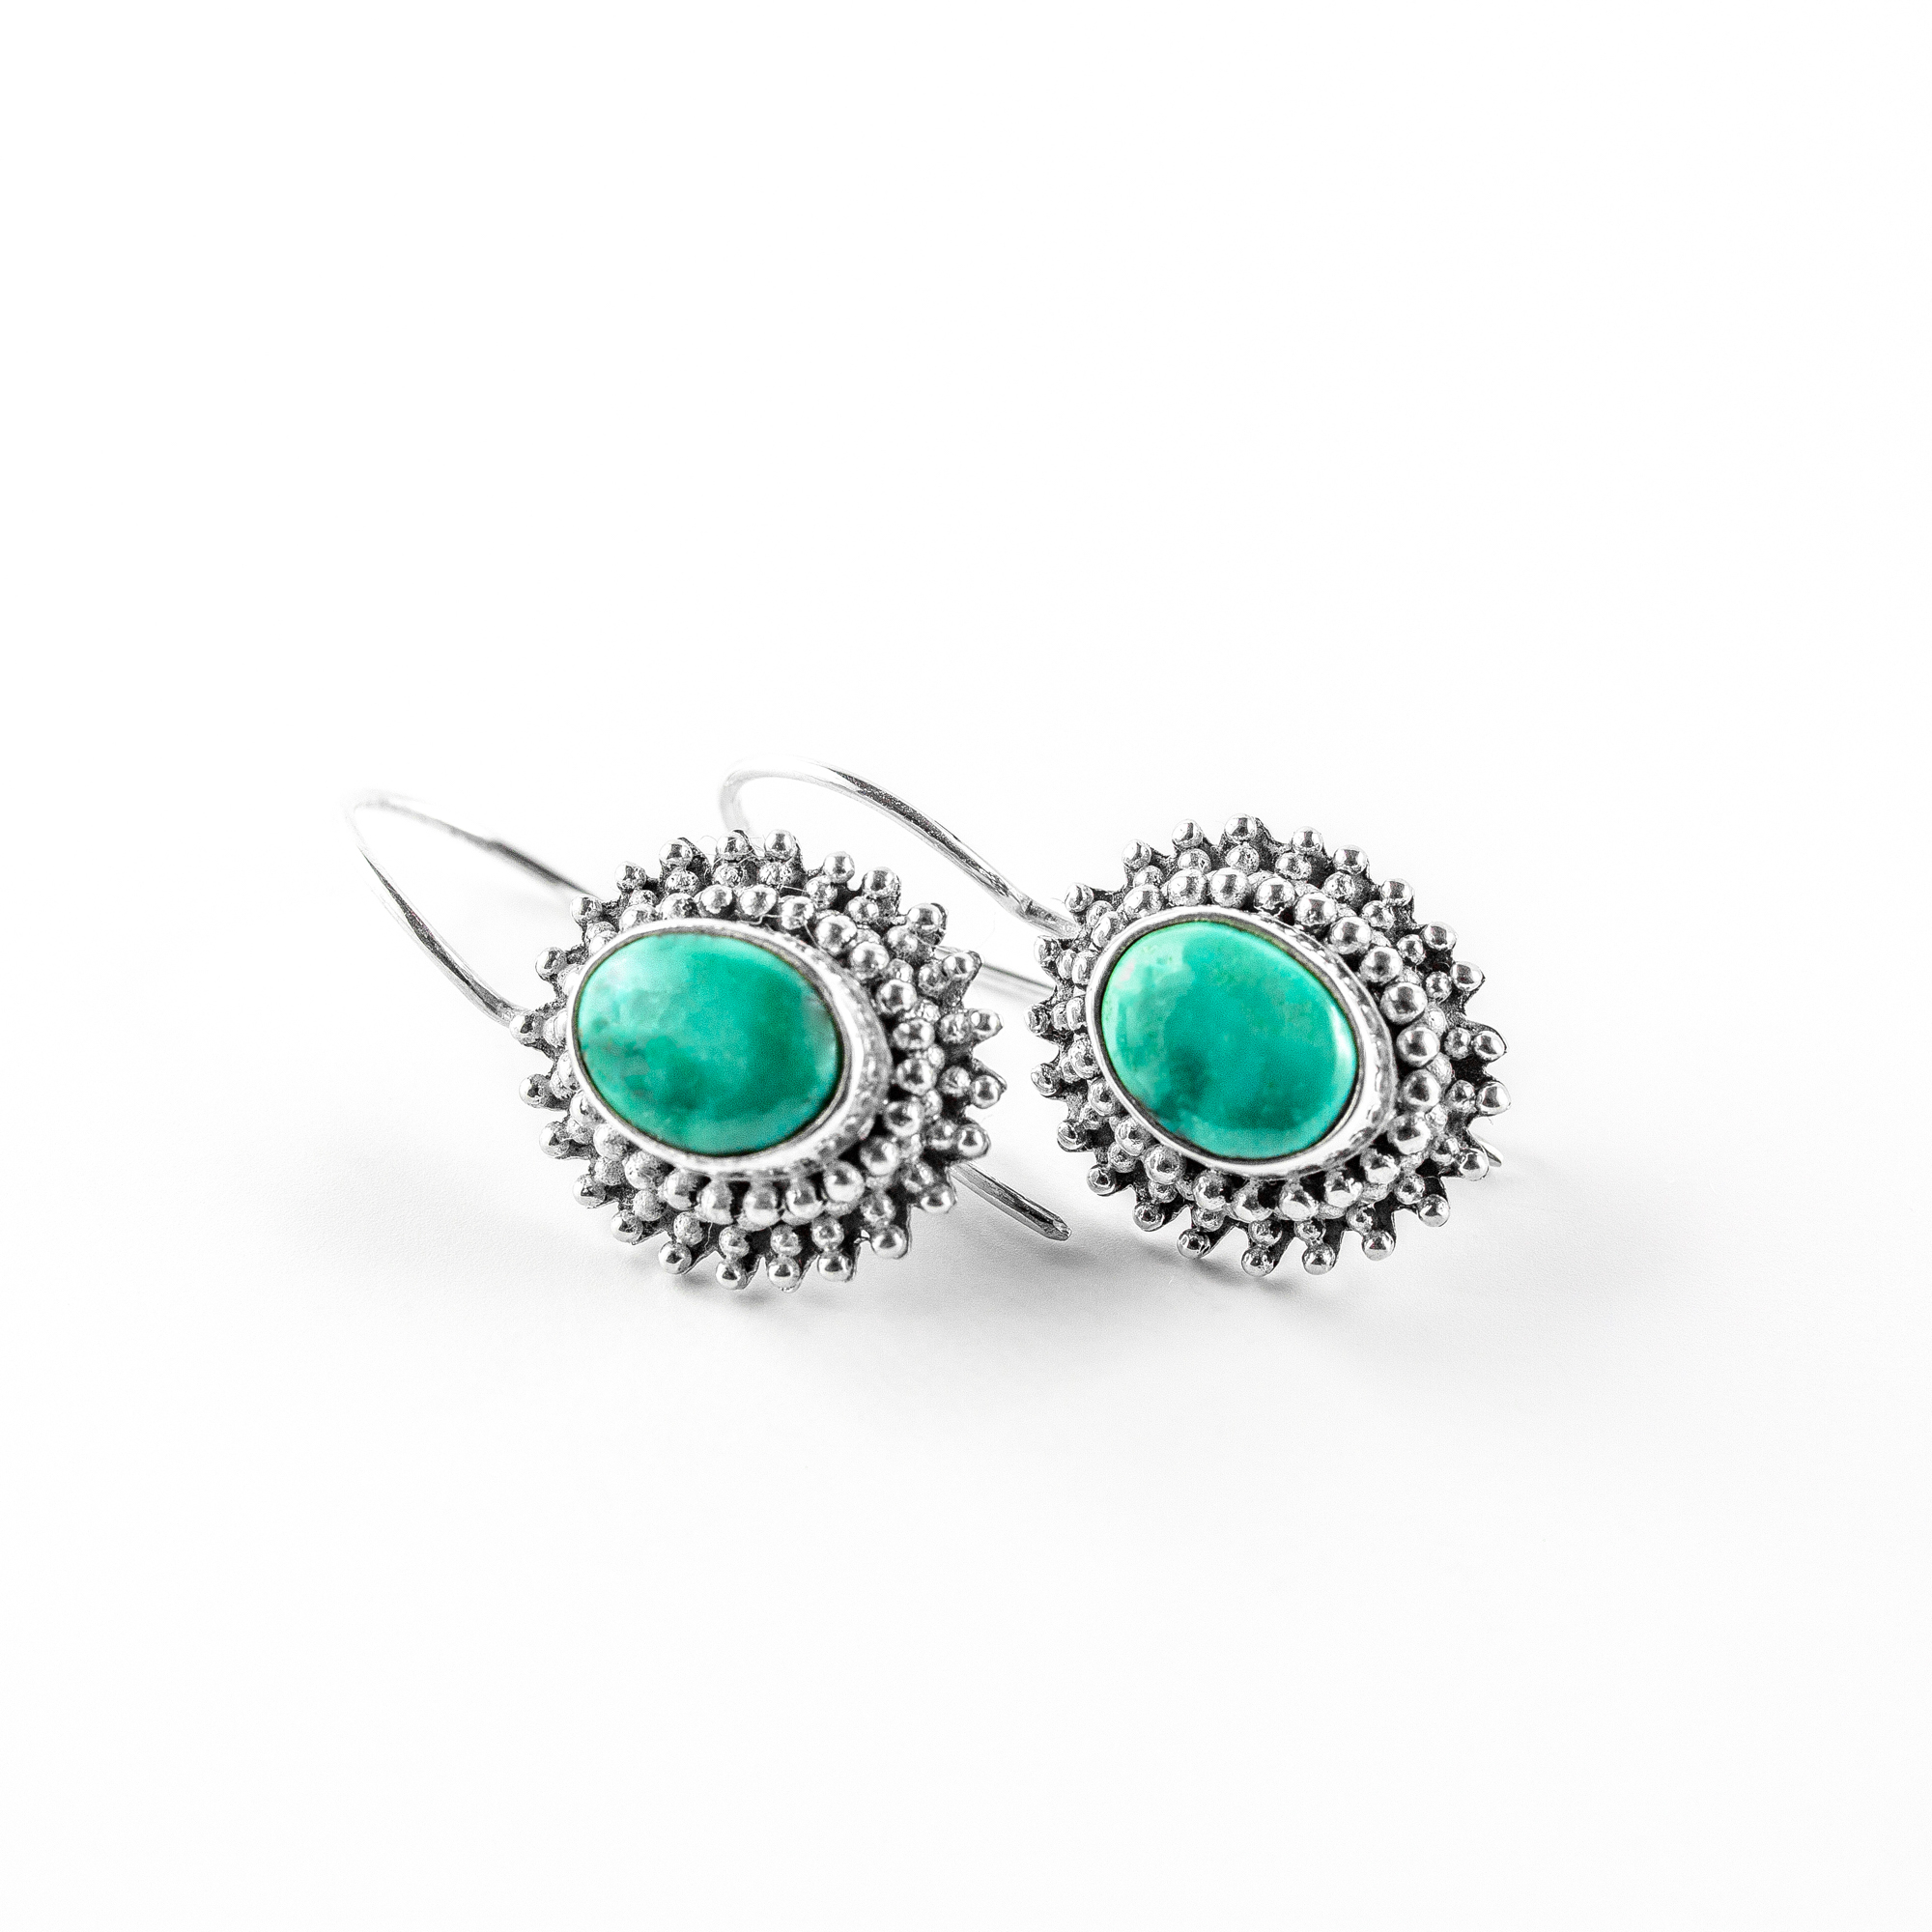 """Boucles d'oreille """"Laguna"""" en argent massif (925) et turquoise Perle de Jade"""